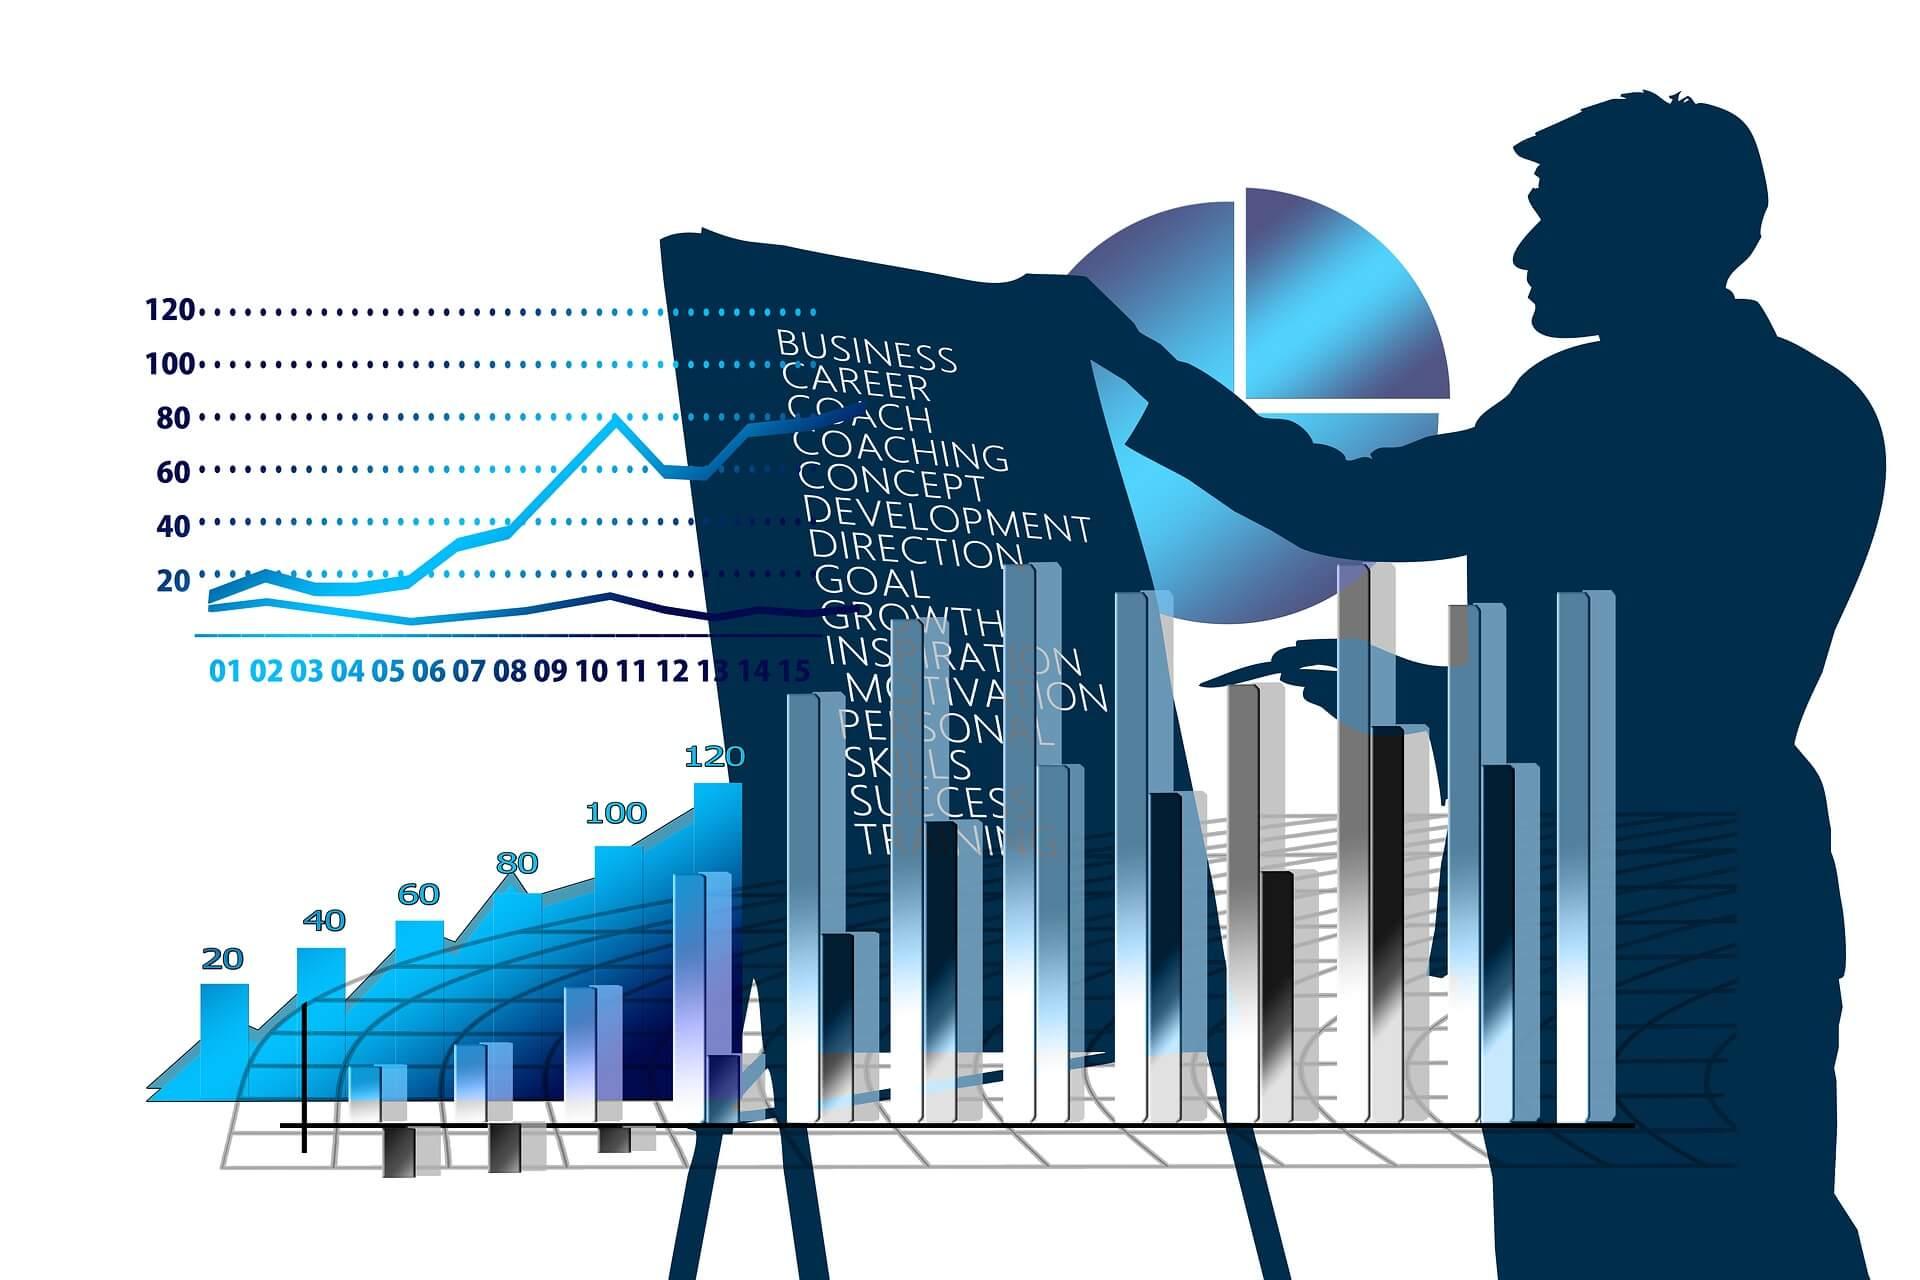 תשואות פוליסות המשתתפות ברווחים 2021 - רבעון ראשון